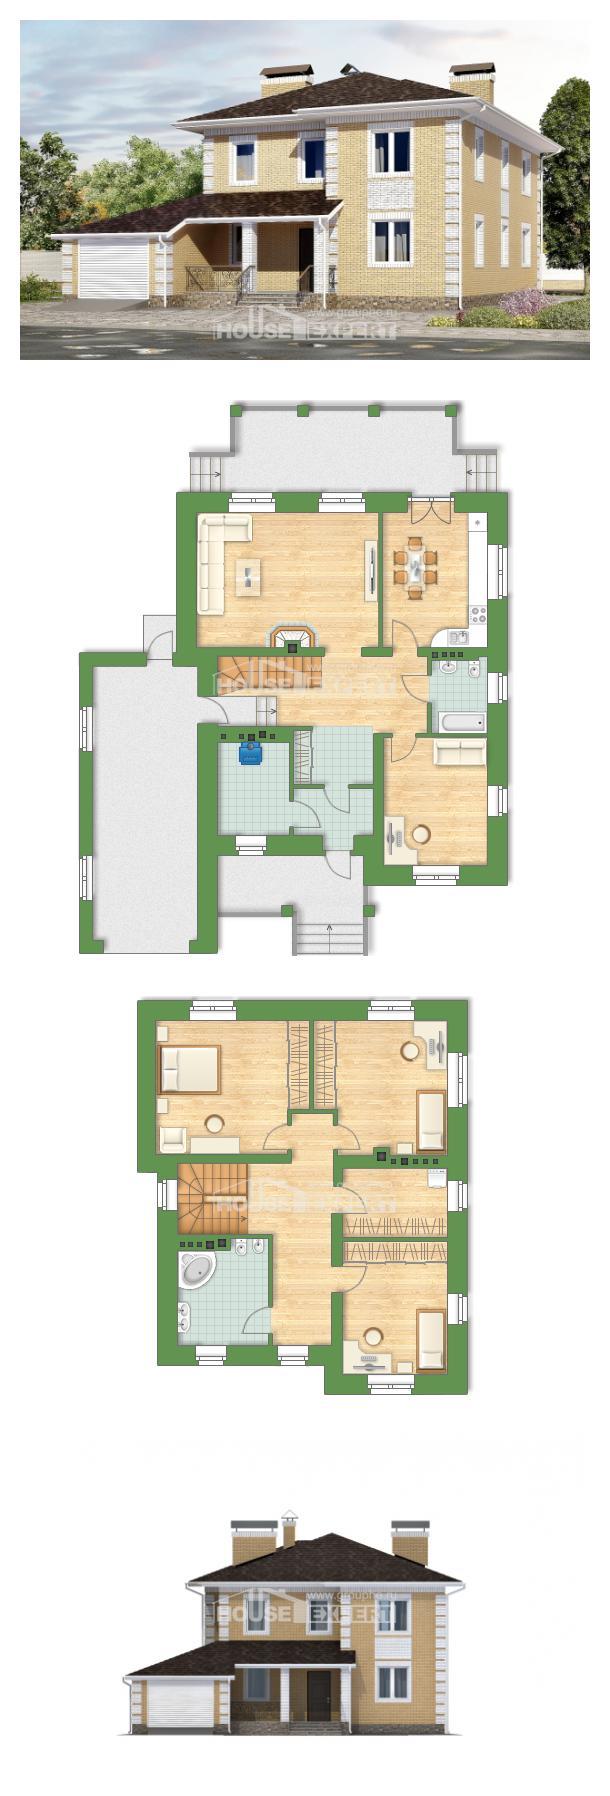 Plan 220-006-L   House Expert